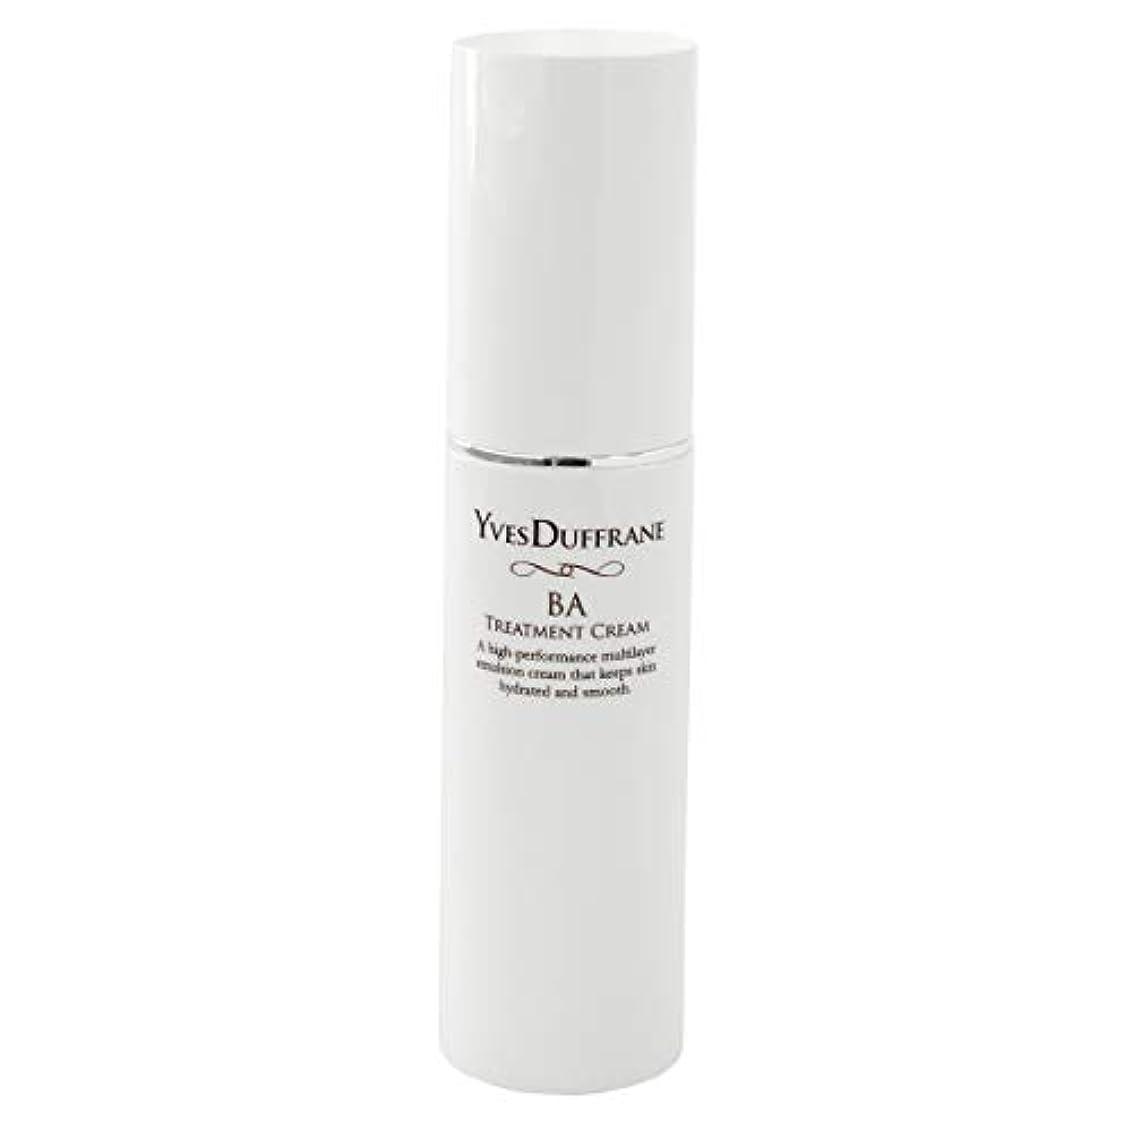 かもしれない神残忍なセラミド 美容クリーム [BAトリートメント クリーム ] 顔 目元 敏感肌 保湿 セラミド ビタミンC誘導体 バイオアンテージ配合